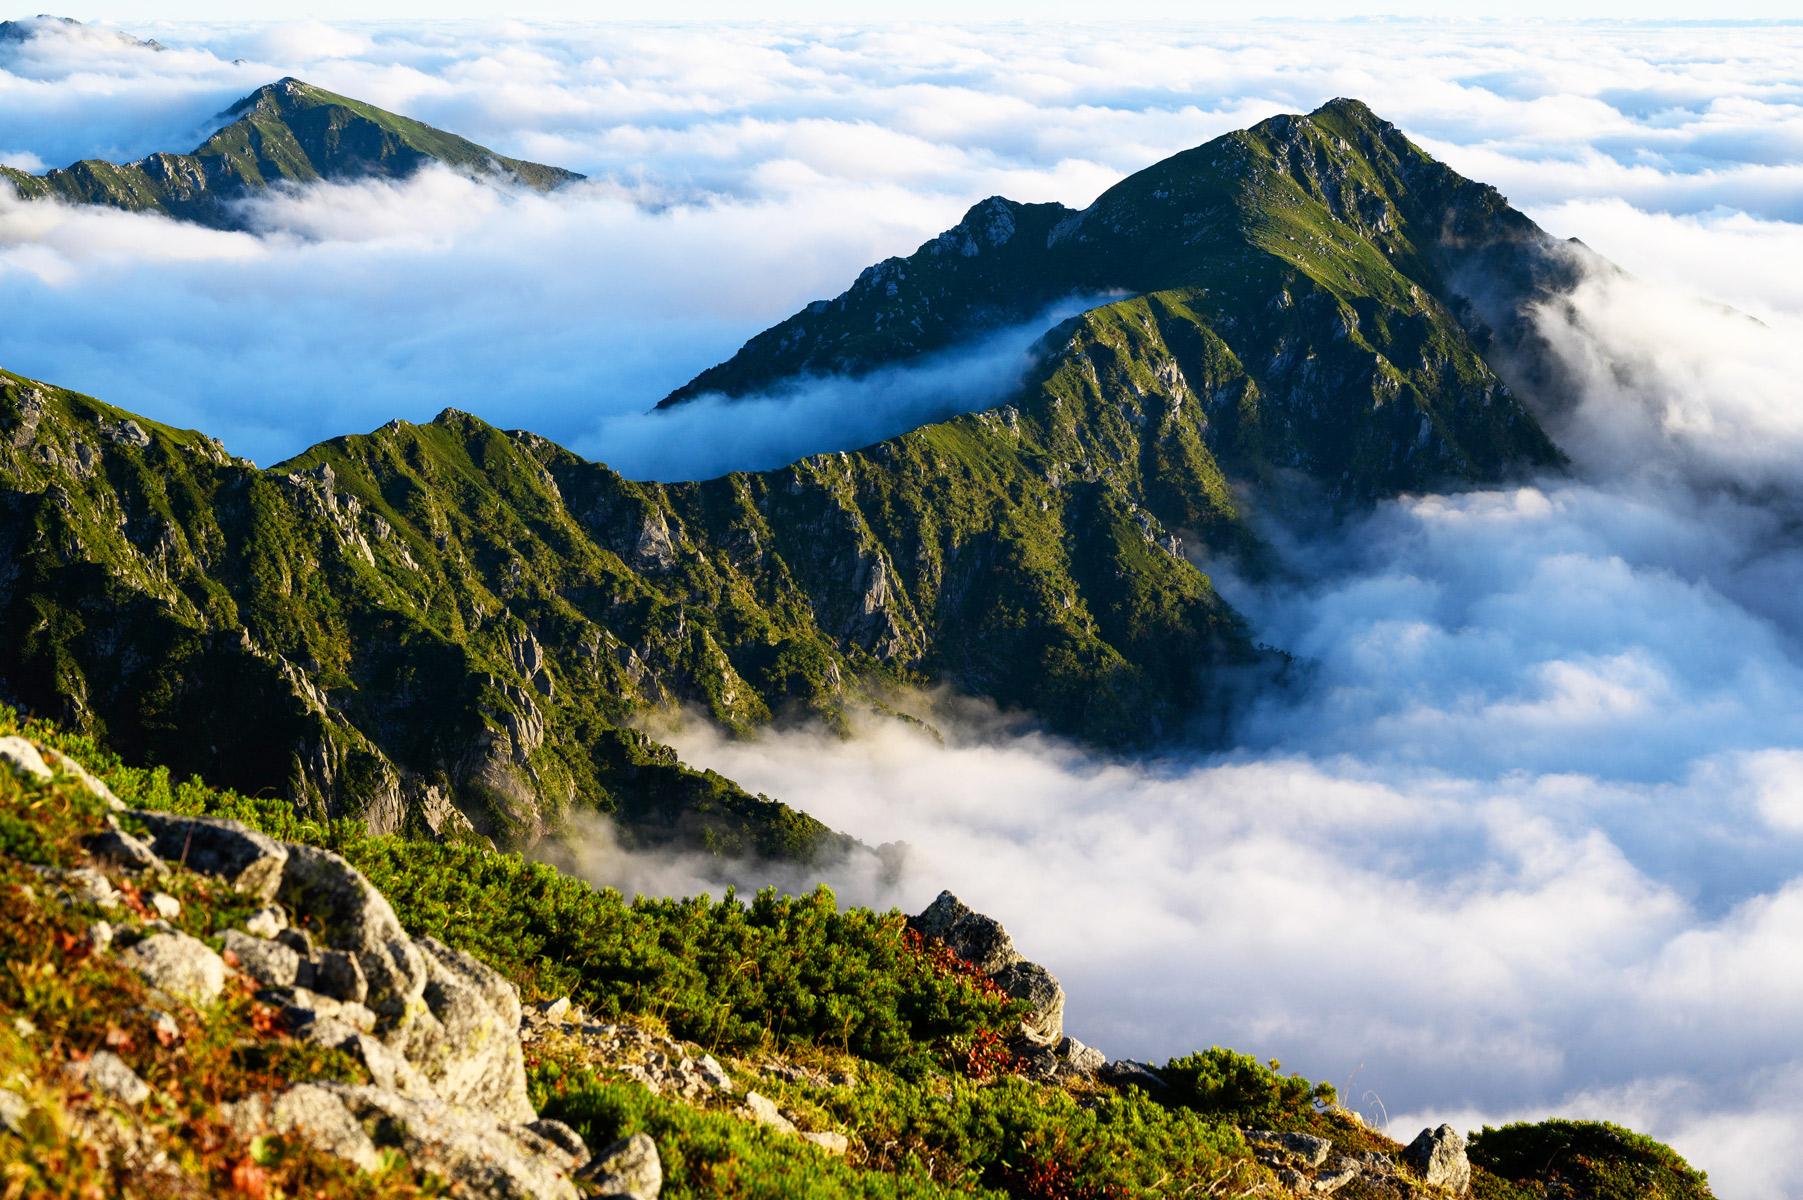 初めての登山は、超キツかったけど雲海がすごい綺麗で感動した話 木曽駒ケ岳